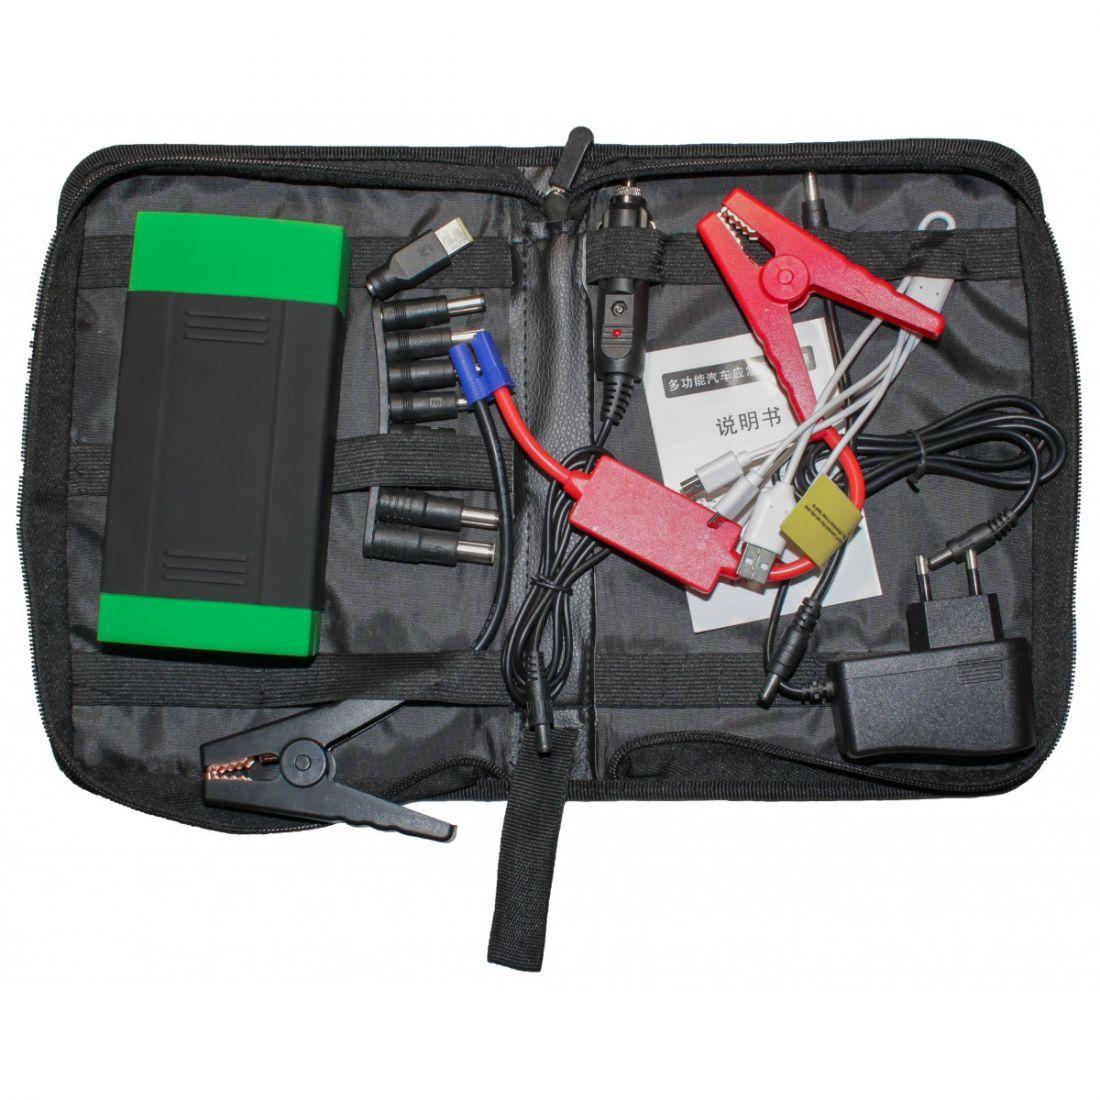 Автомобильное портативное пуско-зарядное устройство с пауэрбанком DOCA D589 (5V-19V, 3A, 15000mAh)